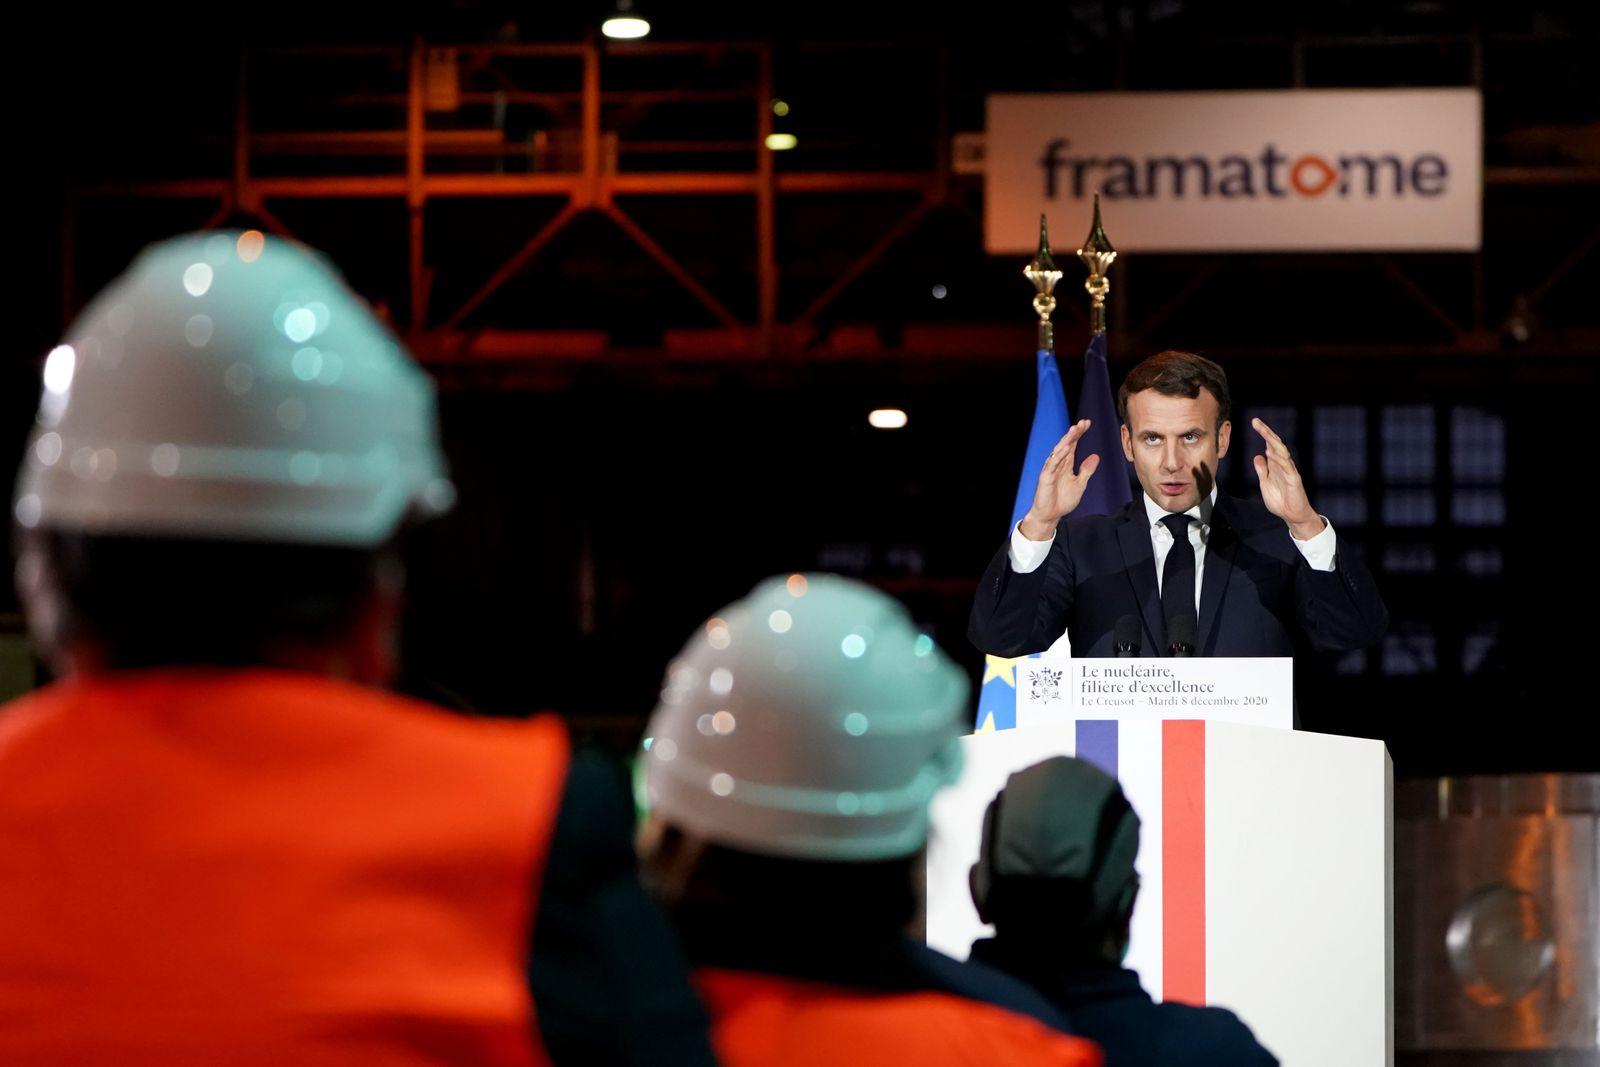 FRANCE-POLITICS-ENERGY-NUCLEAR